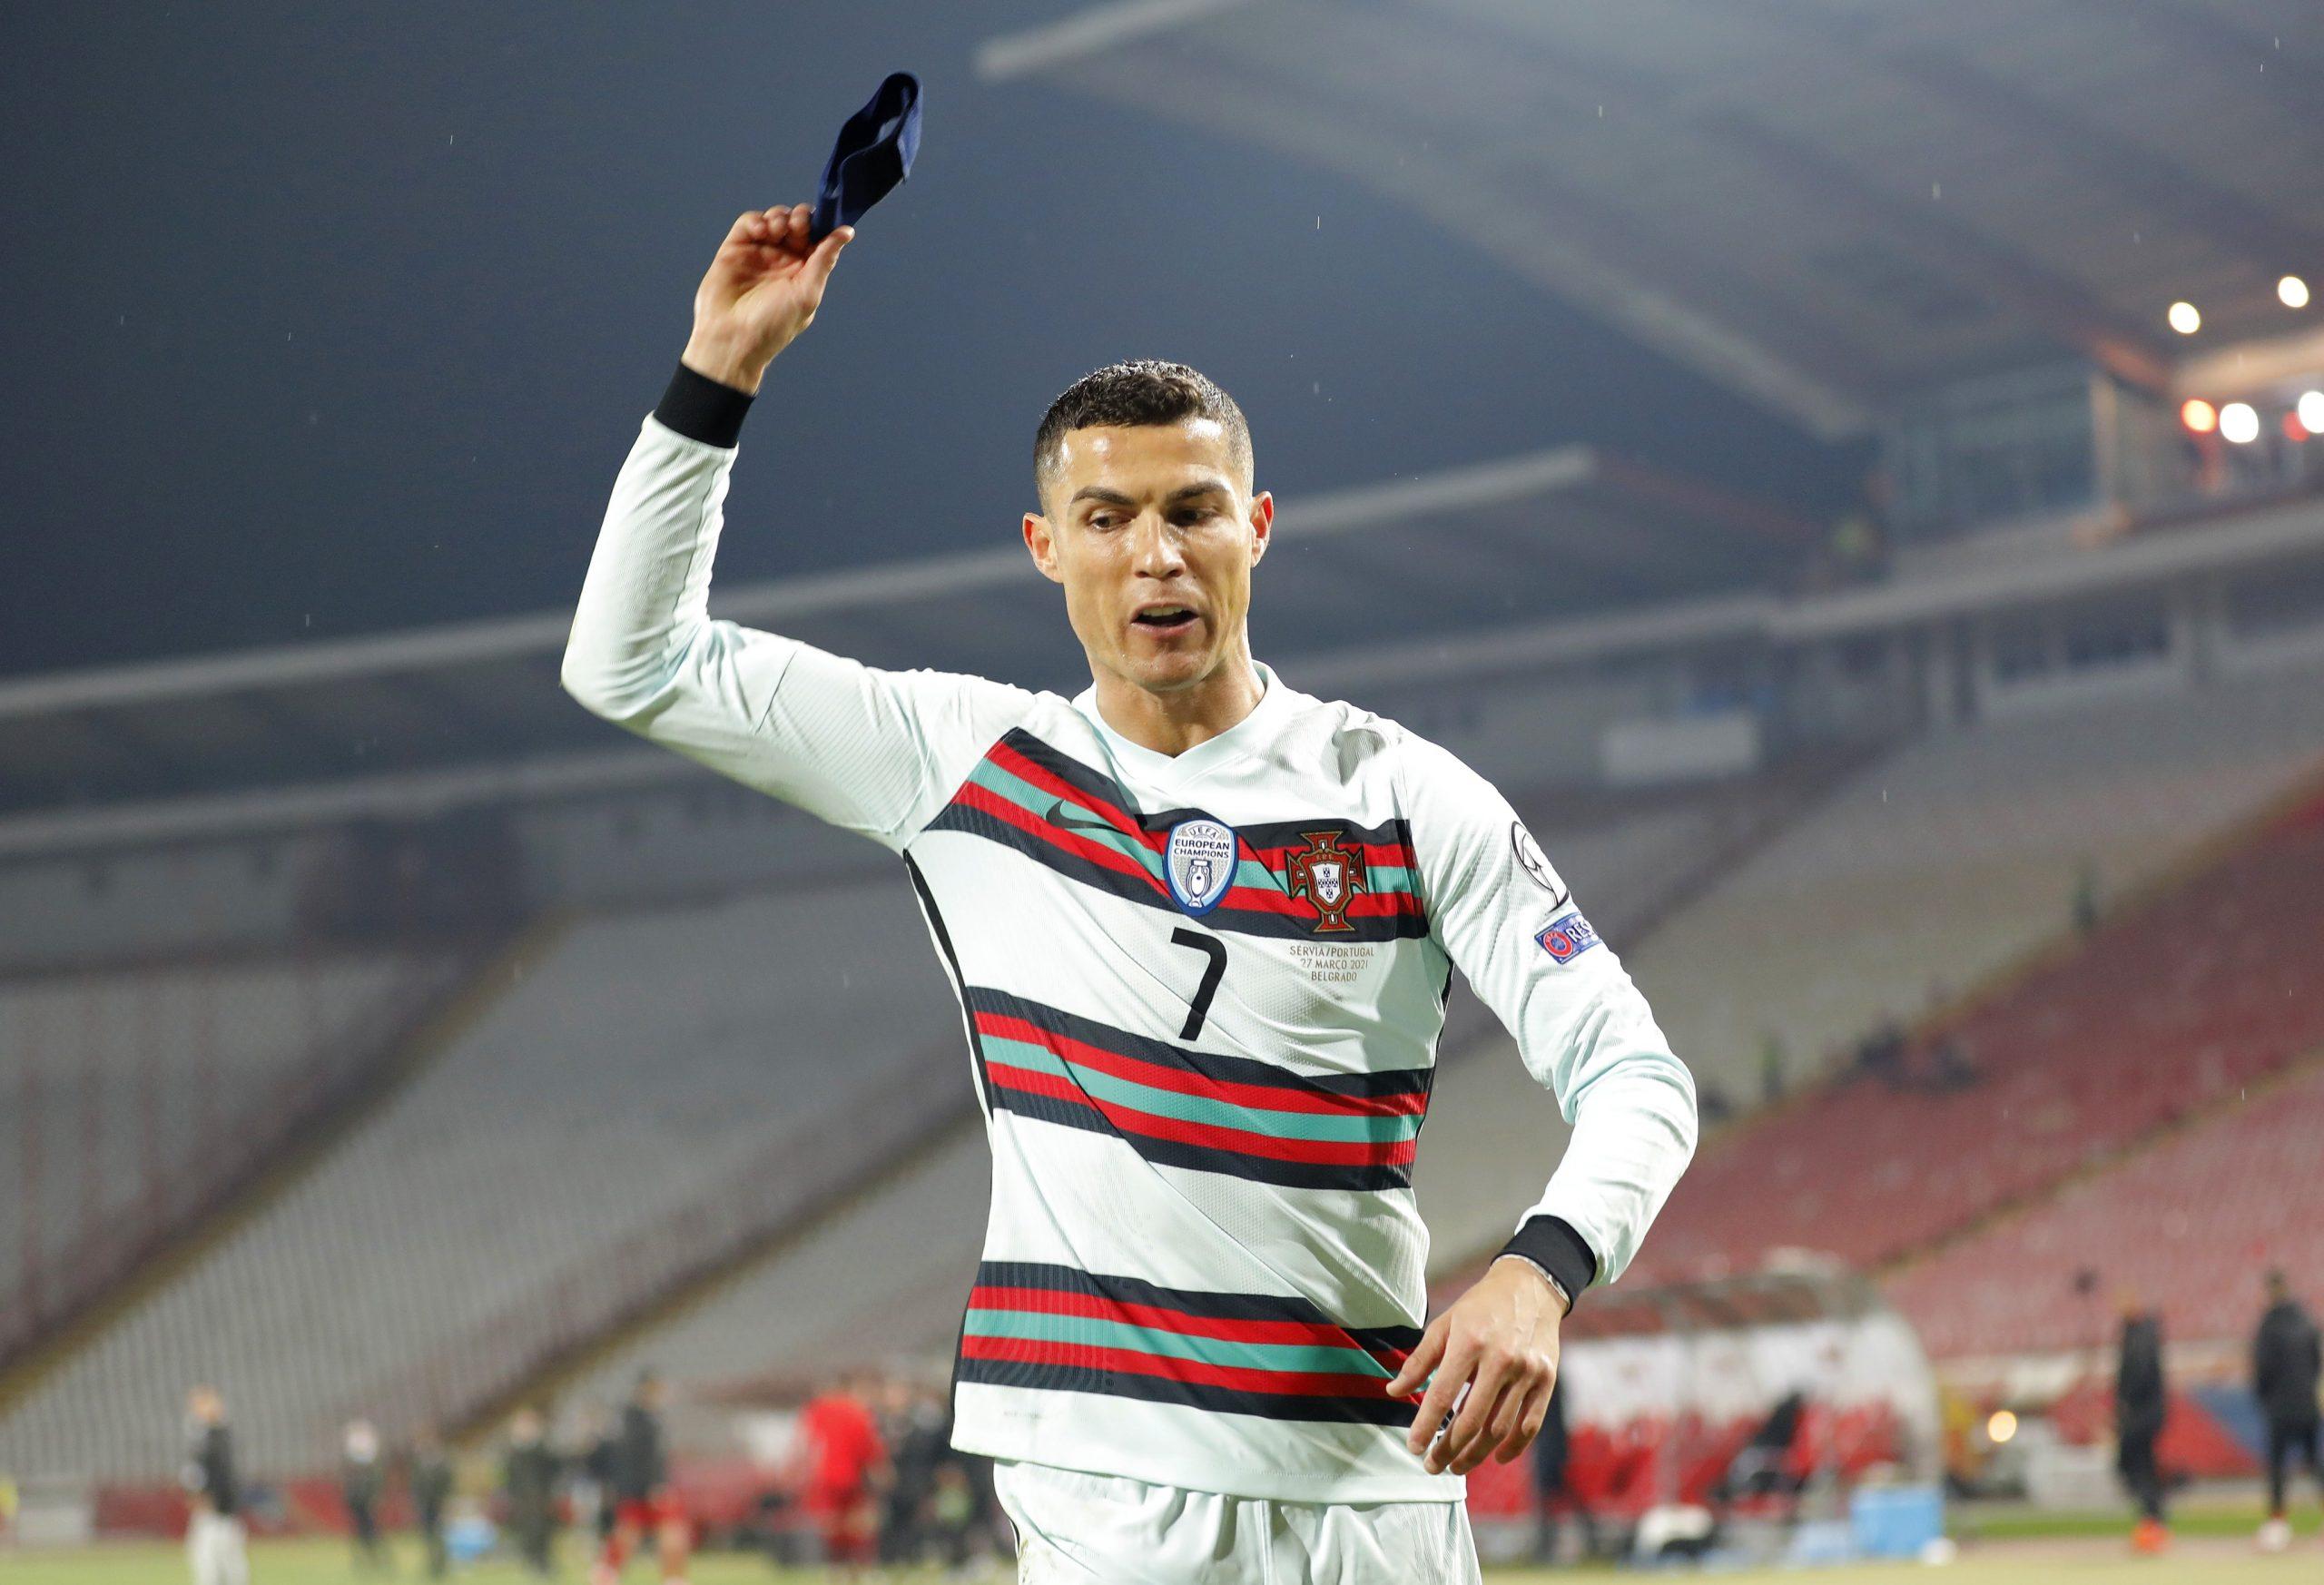 Frustré, Cristiano Ronaldo quitte la pelouse avant la fin du match !